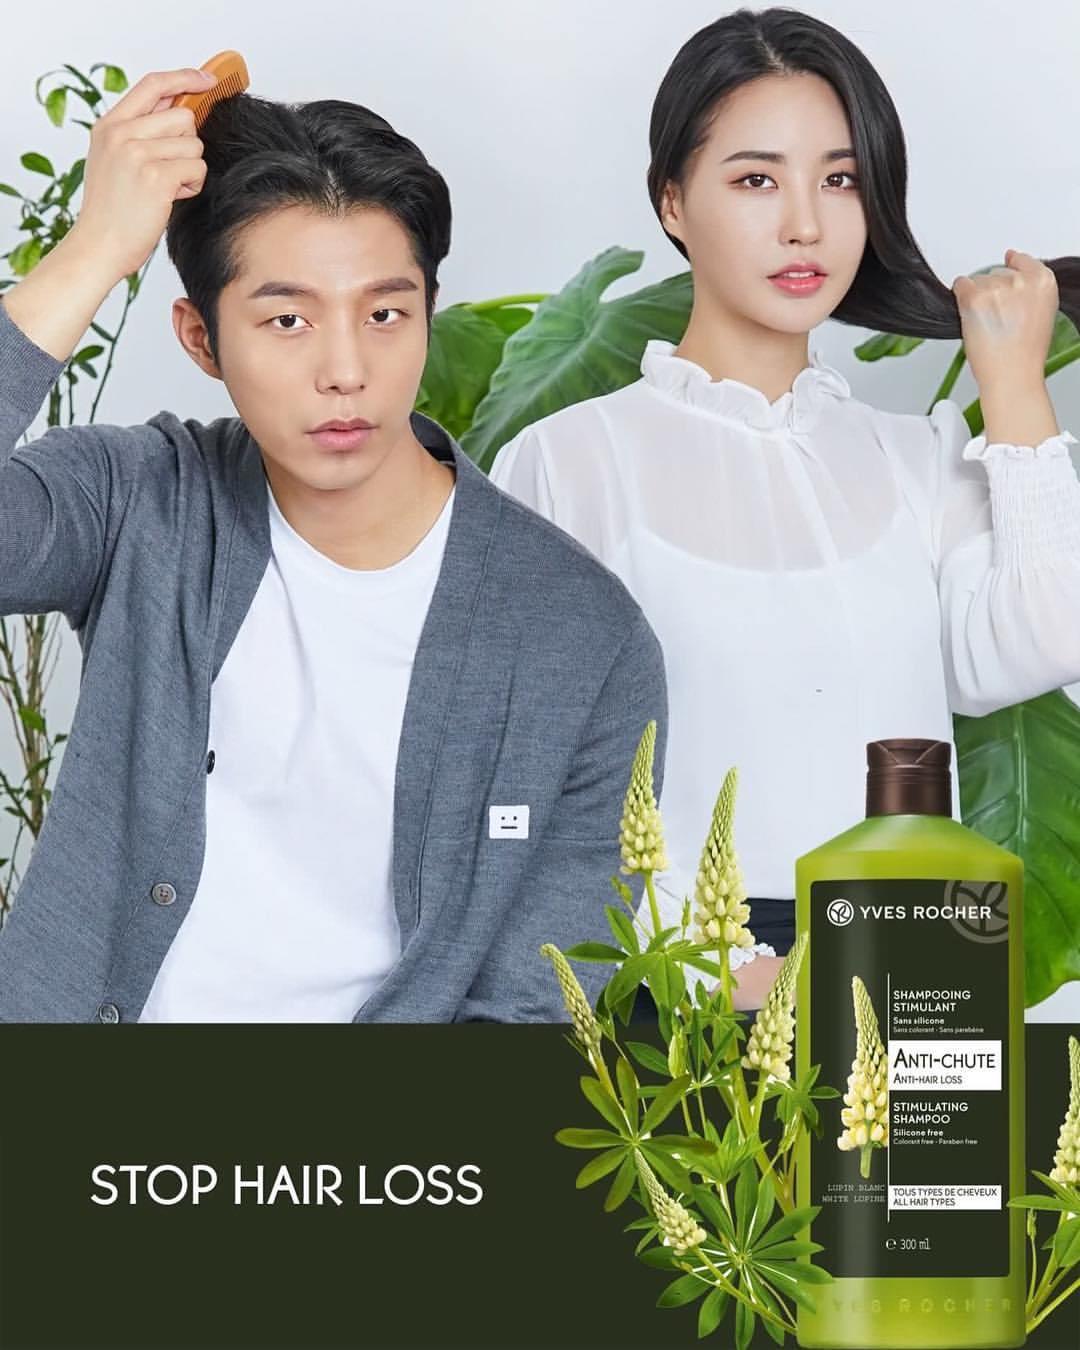 Dầu gội Yves Rocher Anti Hair Loss Stimulating Shampoo chống rụng tóc, thúc đẩy tóc mọc, hồi phục độ bóng khỏe cho mái tóc (ảnh: internet).